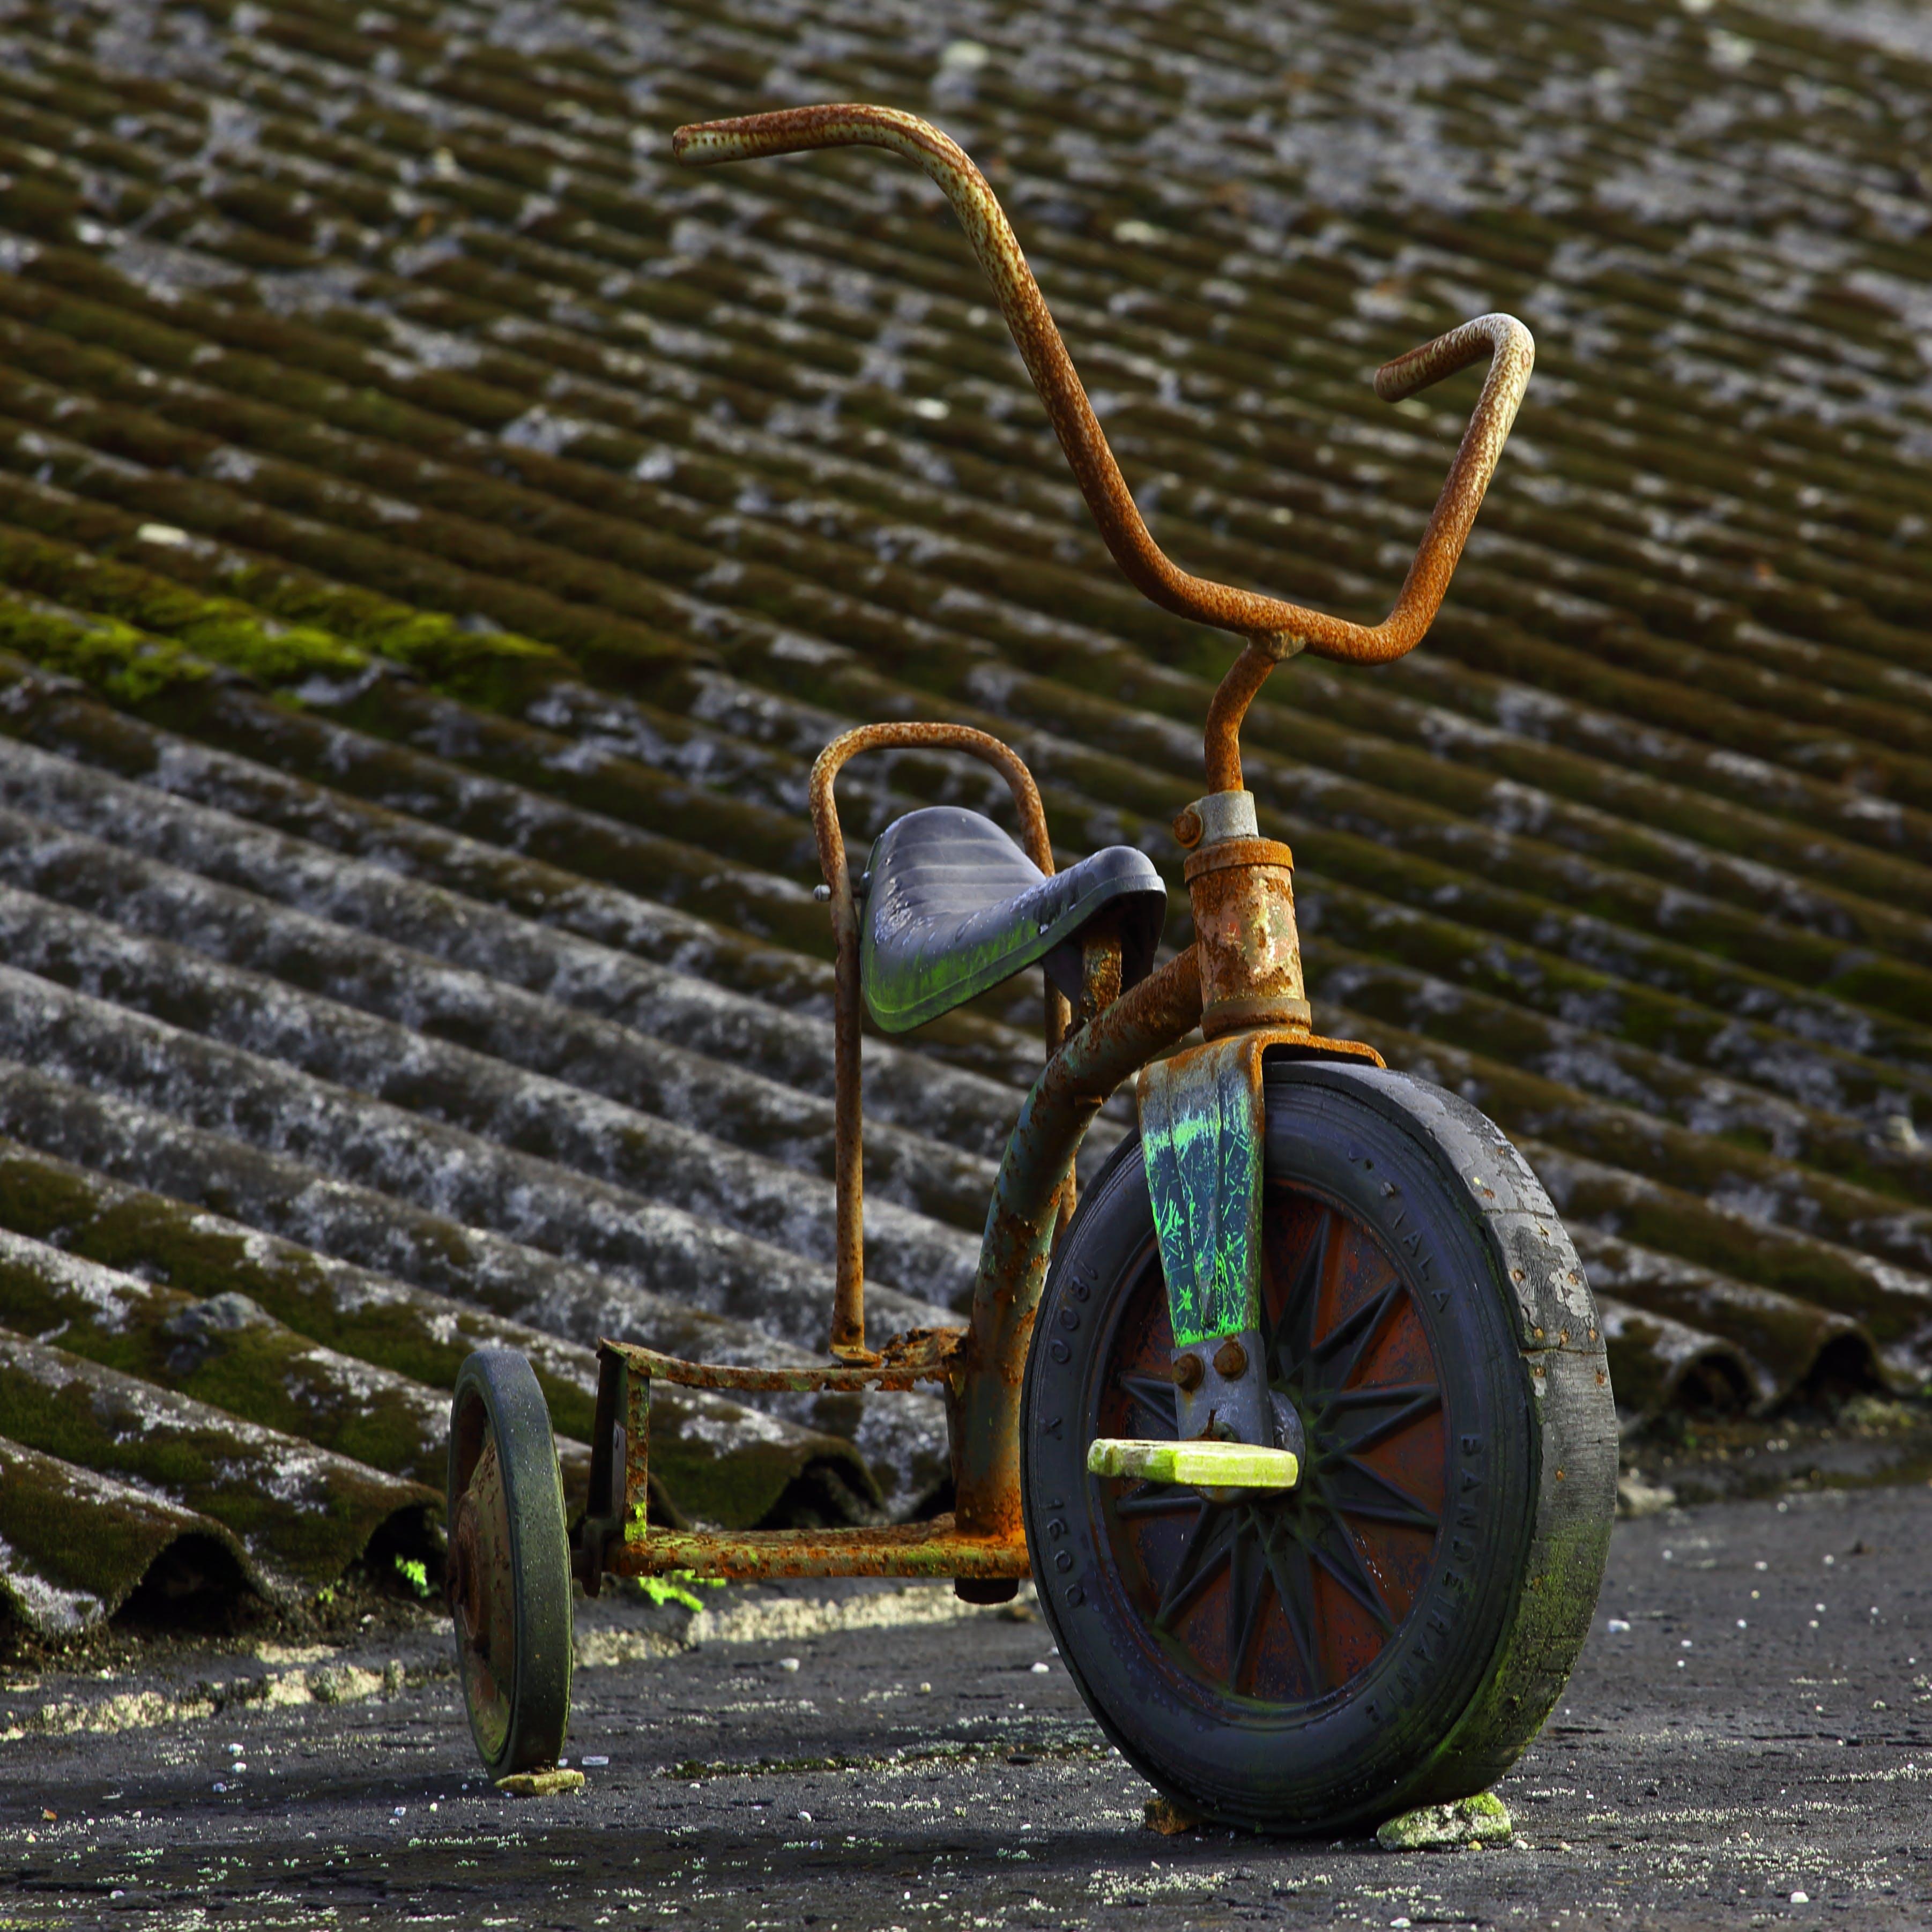 Fotos de stock gratuitas de triciclo ovelho